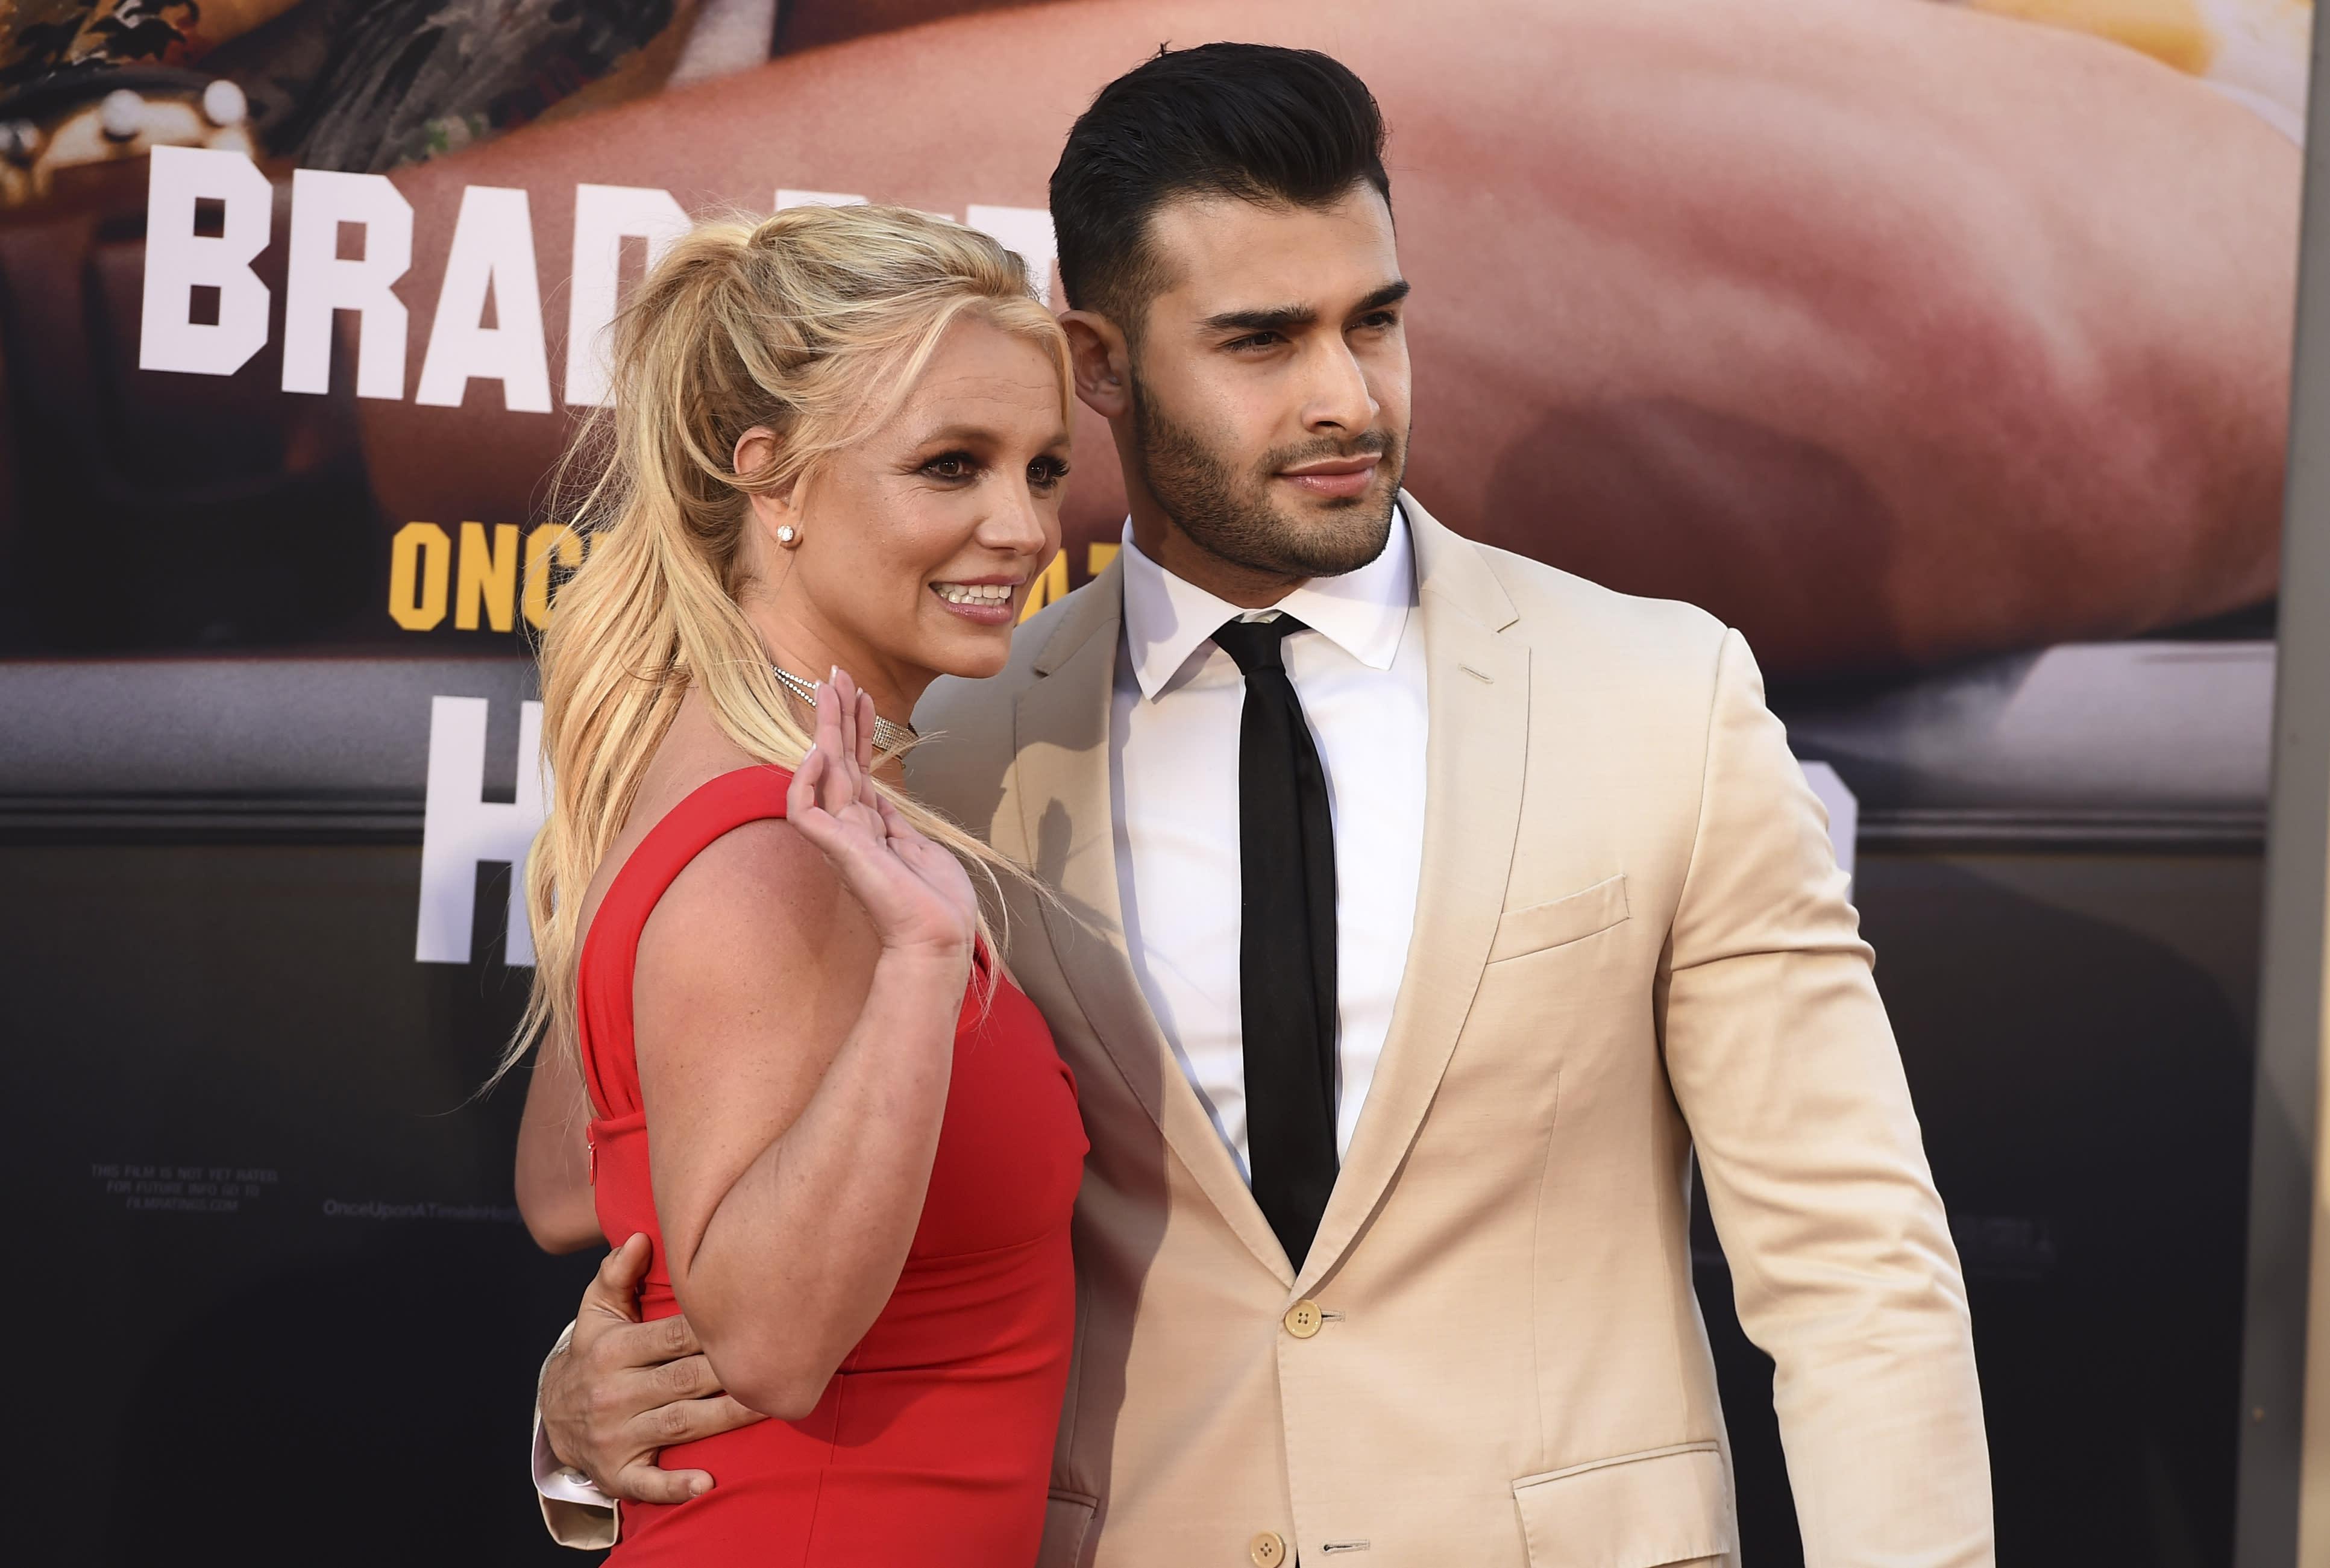 Britney Spears Breaks Her Foot While Dancing